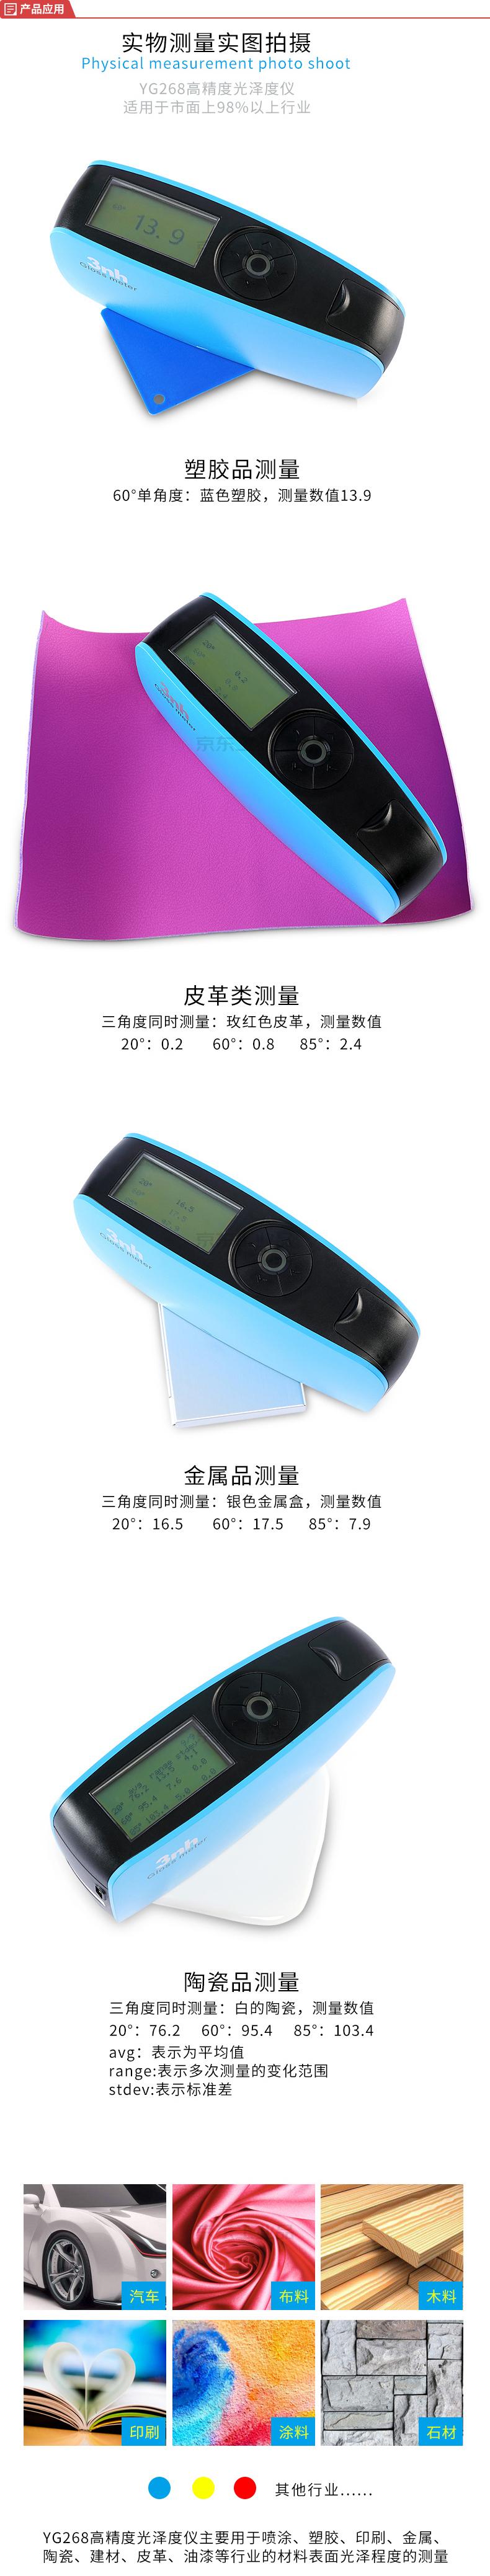 三恩时 三角度光泽度仪;YG268